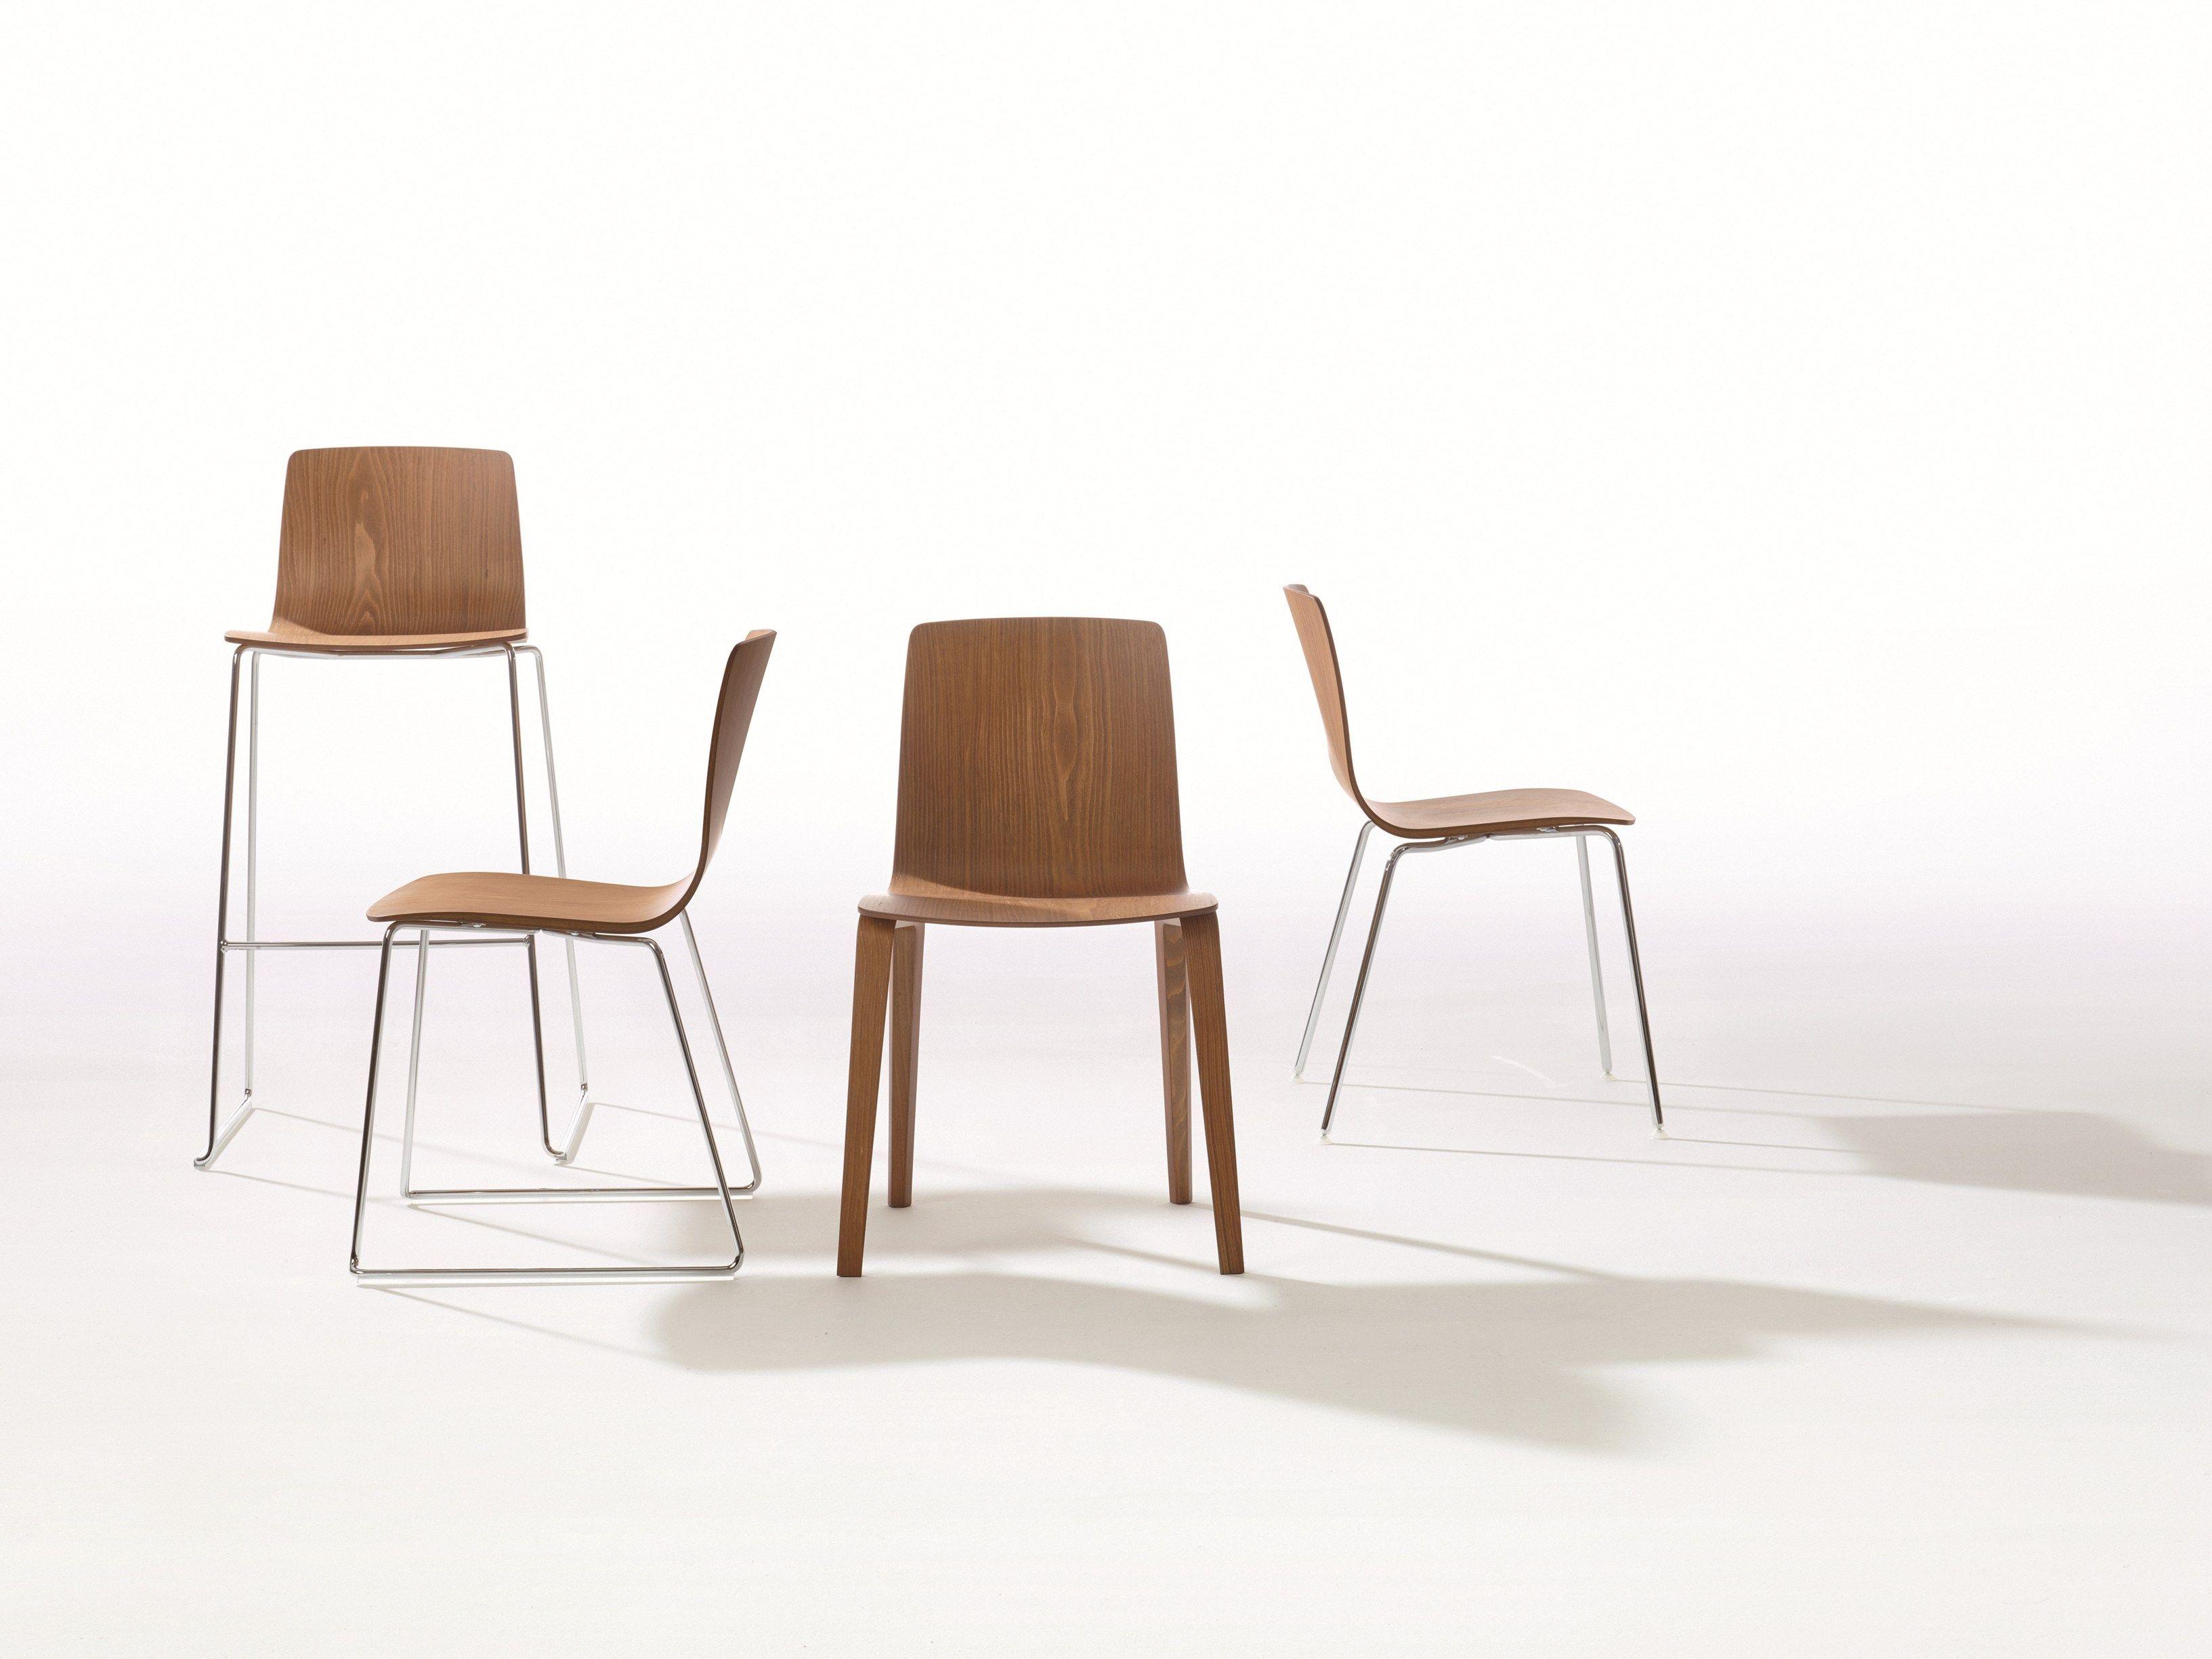 AAVA Sedia in legno by Arper design Antti Kotilainen